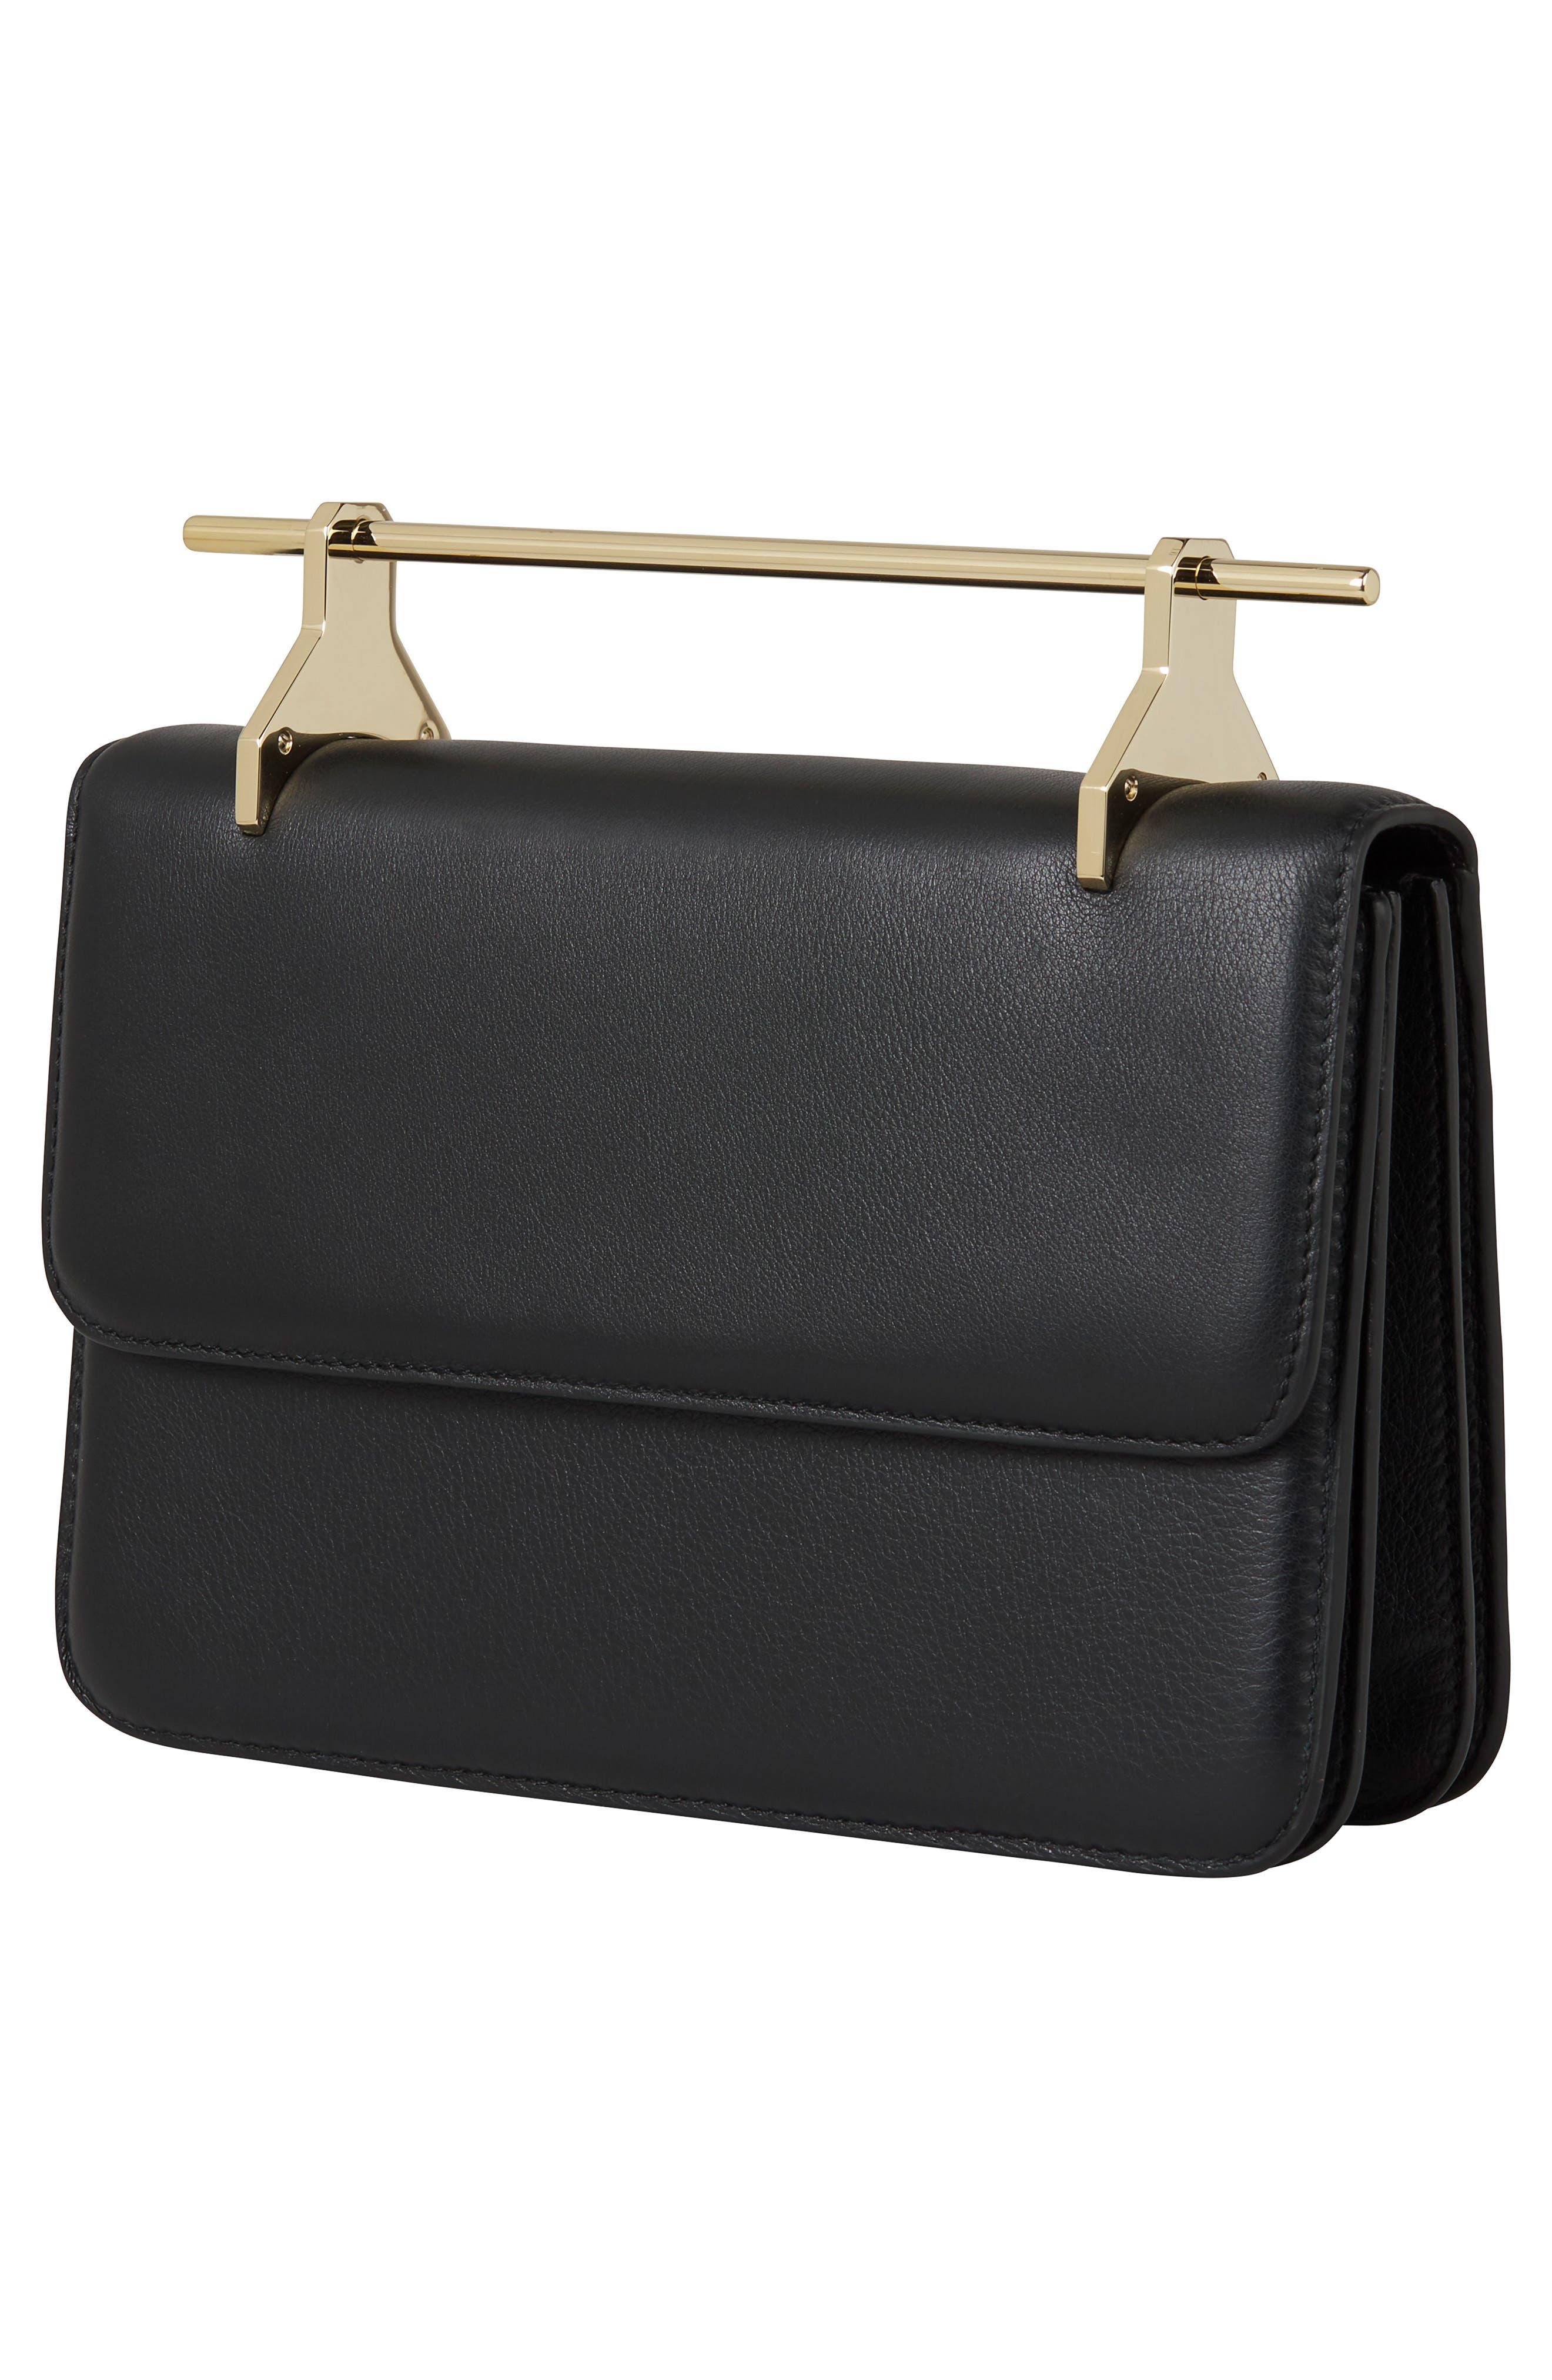 La Fleur du Mal Leather Shoulder Bag,                             Alternate thumbnail 3, color,                             BLACK/ GOLD